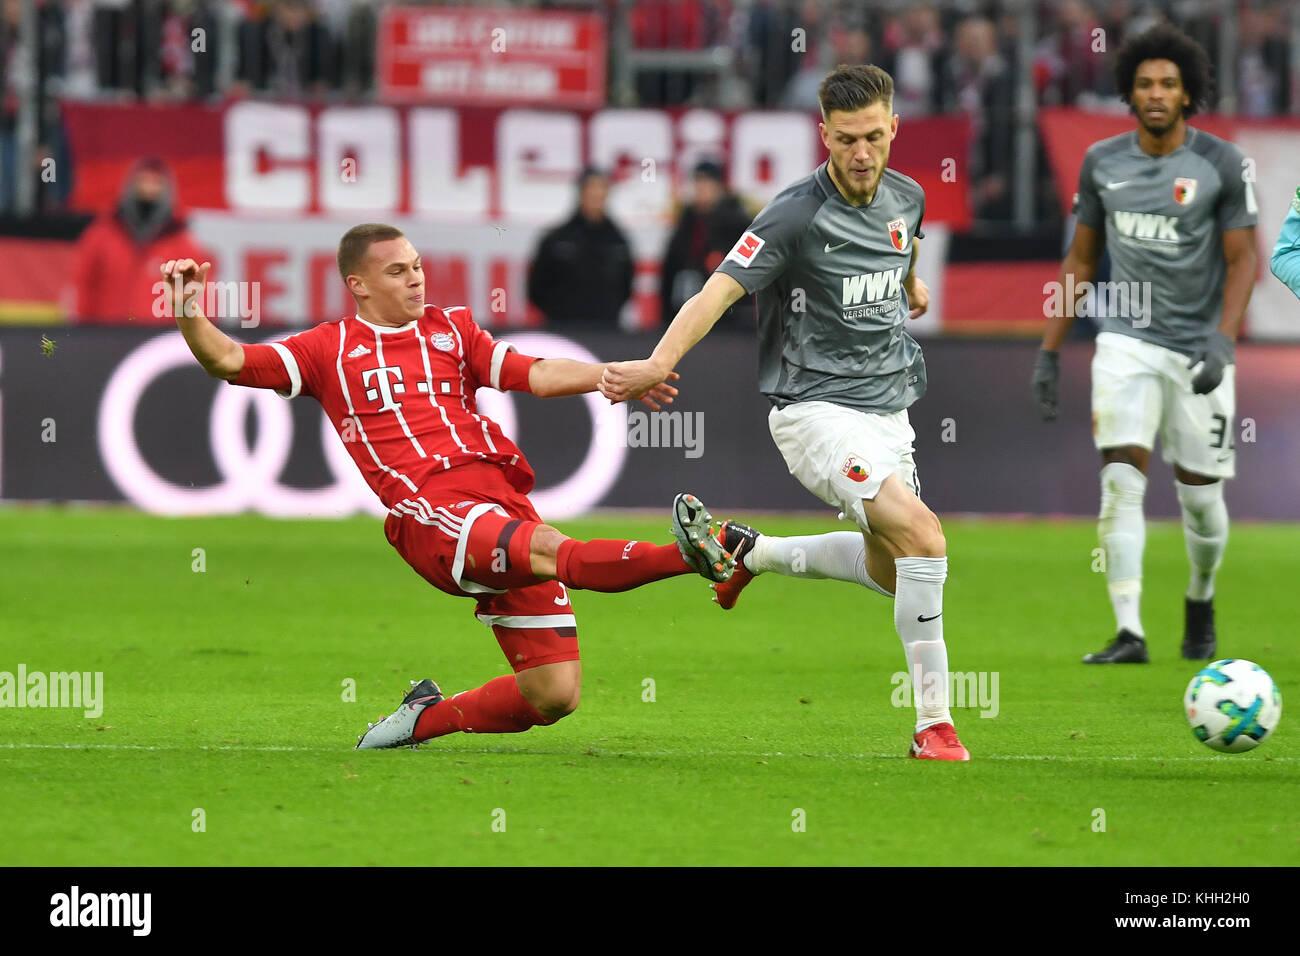 Joshua KIMMICH (FC Bayern Munich), Aktion, ZweikamAktion, duels versus Jeffrey GOUWELEEUW (AugsburJeffrey GOUWELEEUW - Stock Image